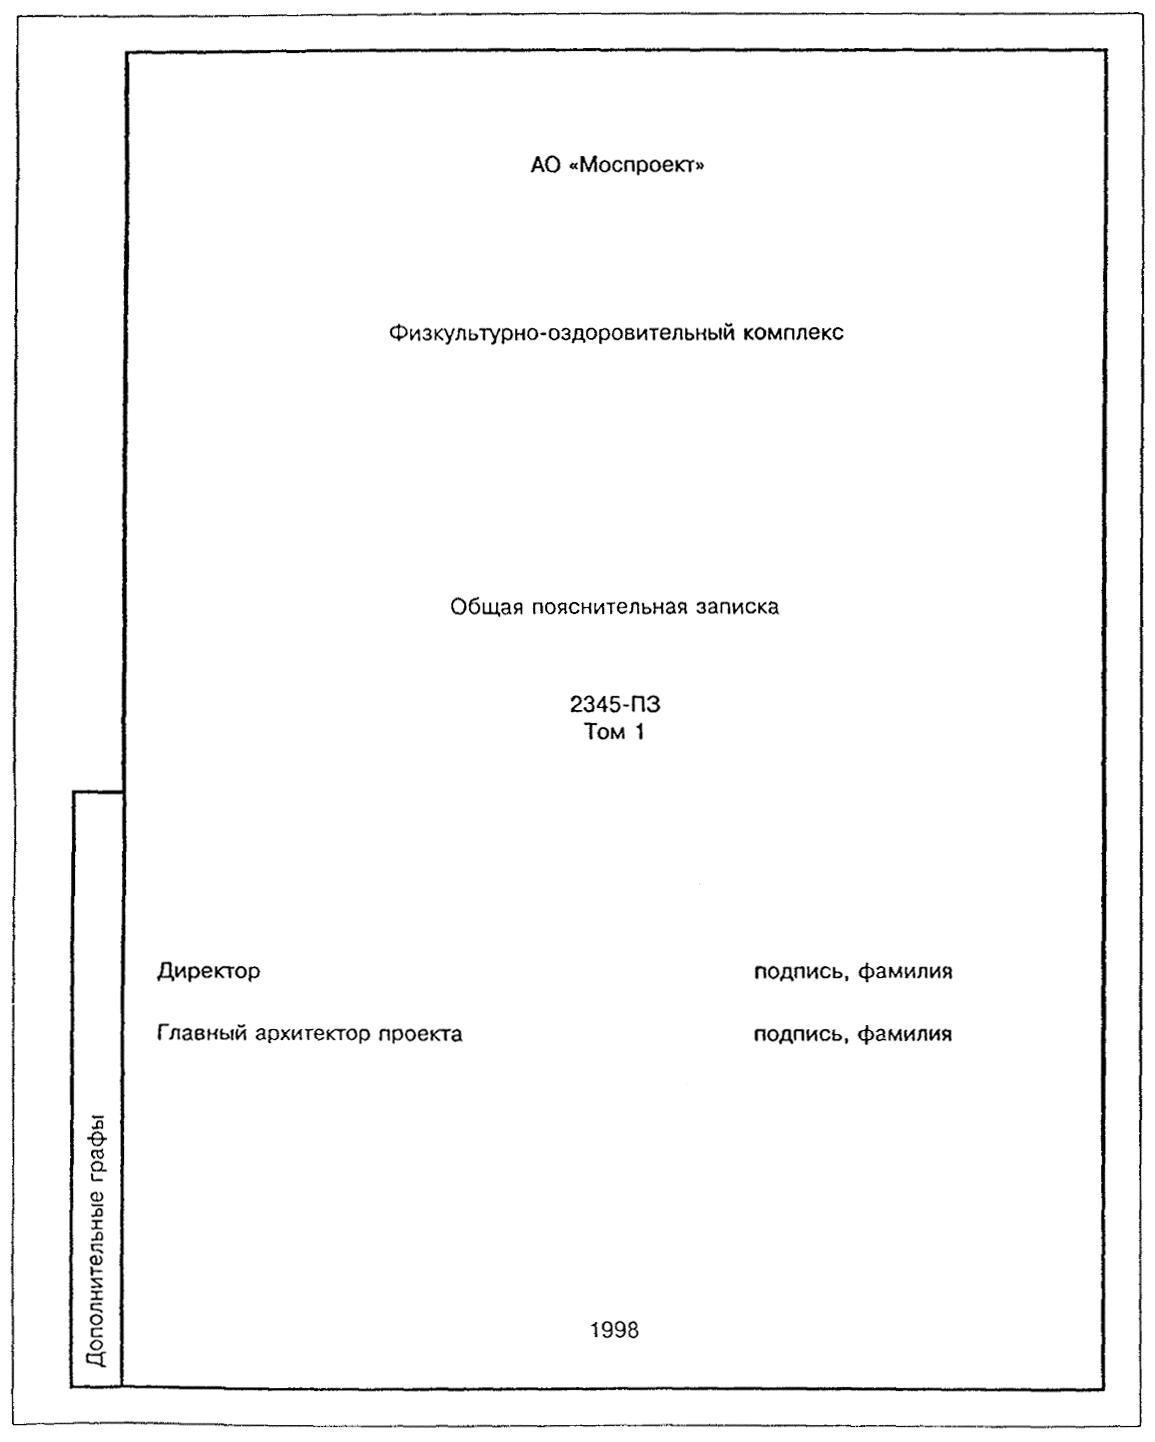 Проект кровли - образец, пример проекта реконструкции кровли